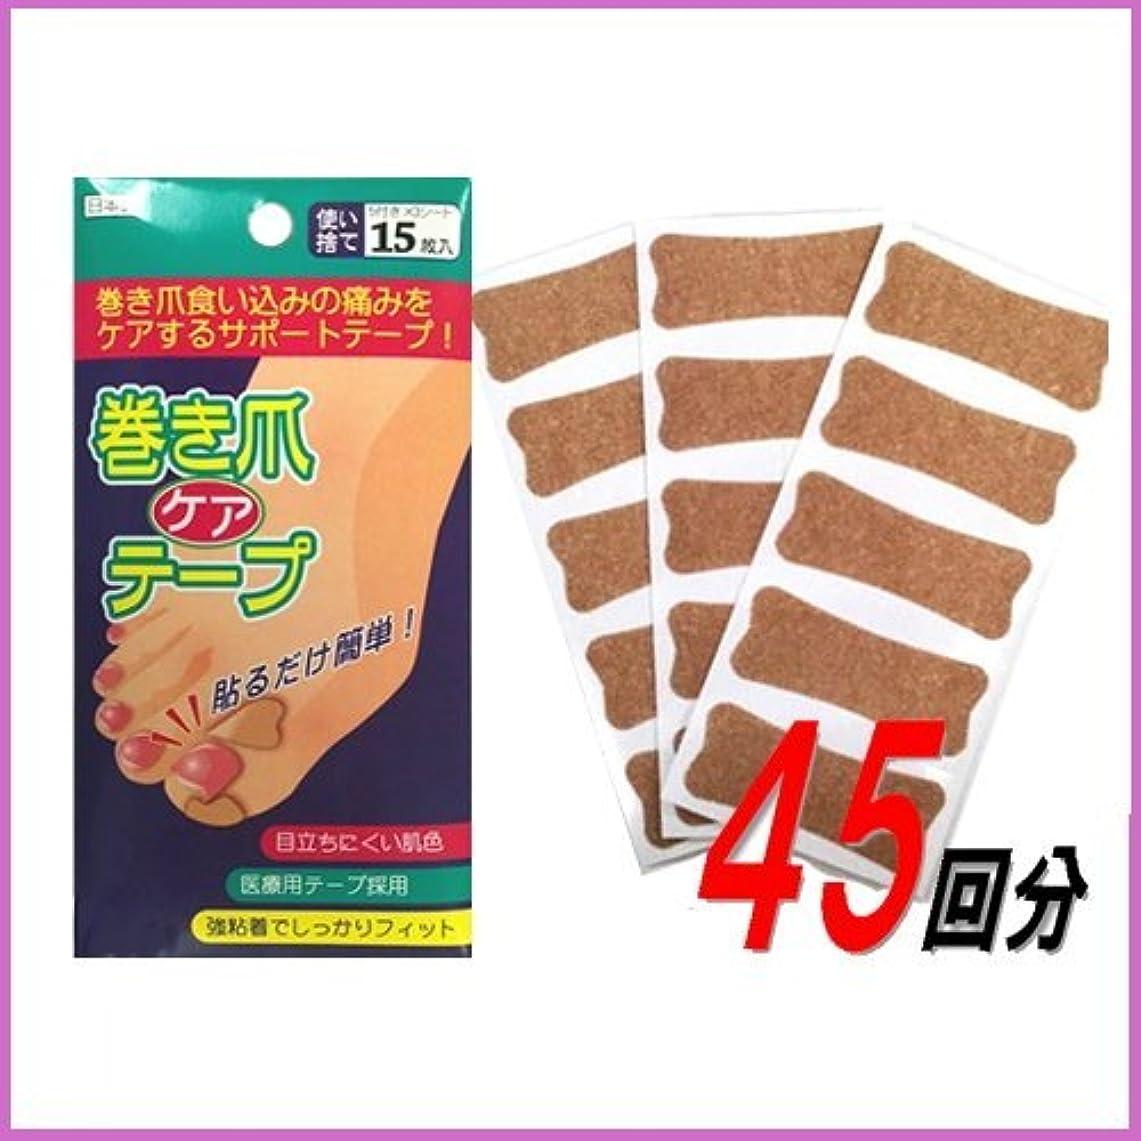 全国兵士大事にする巻き爪 テープ 3個セット ブロック ケア テーピング 日本製